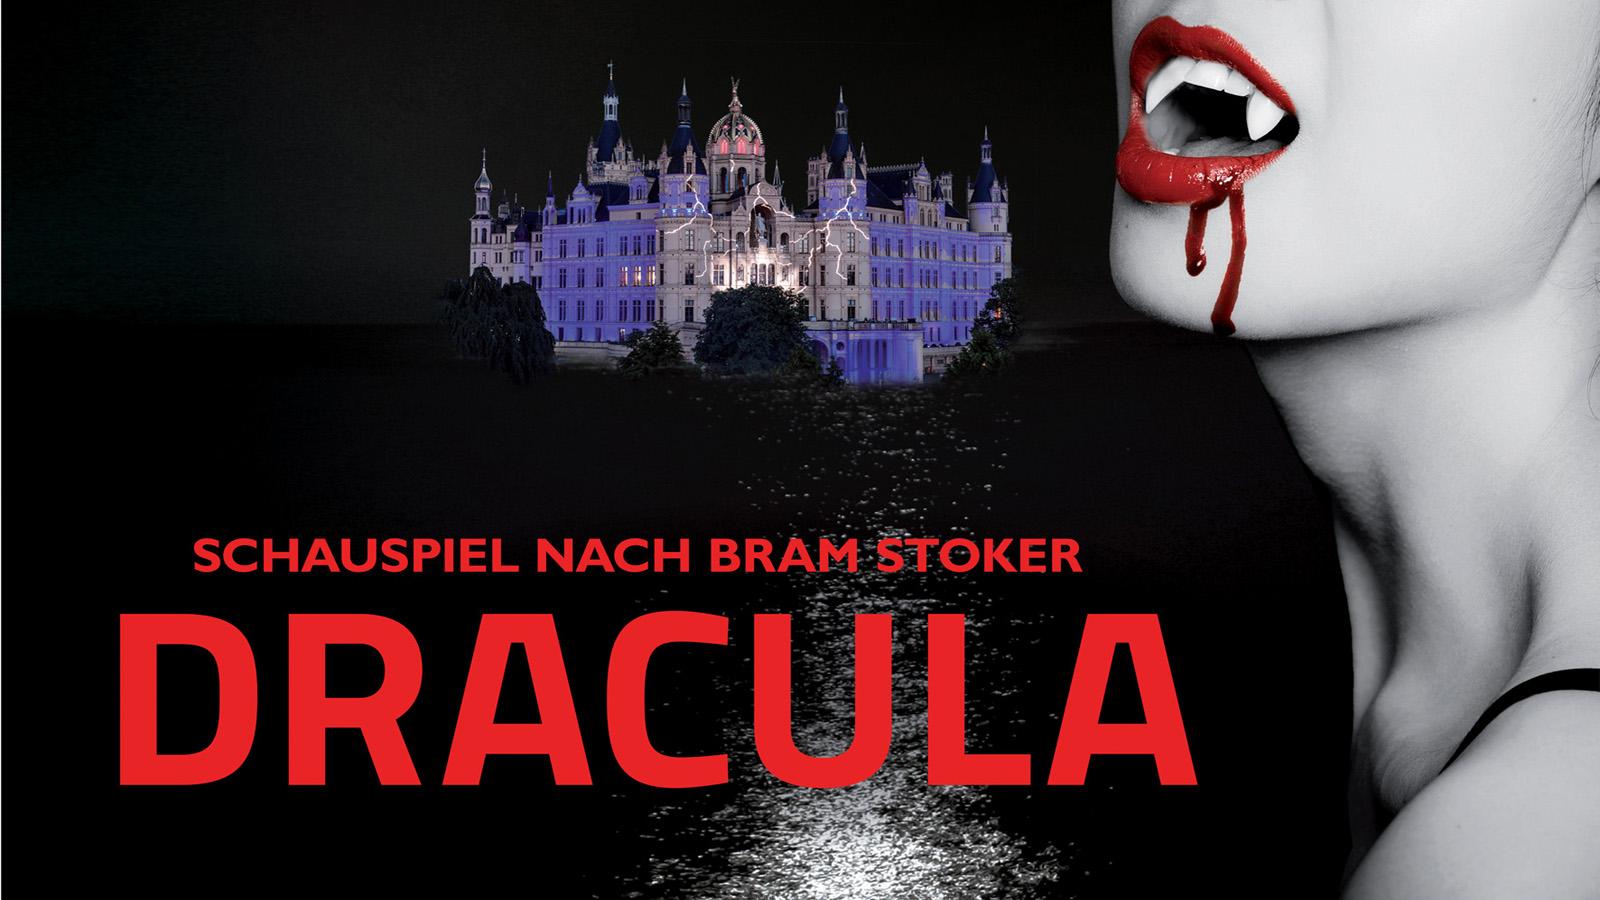 DRACULA © https://www.mecklenburgisches-staatstheater.de/stueck-detail/schlossfestspiele-schwerin-2018-dracula-1473.html